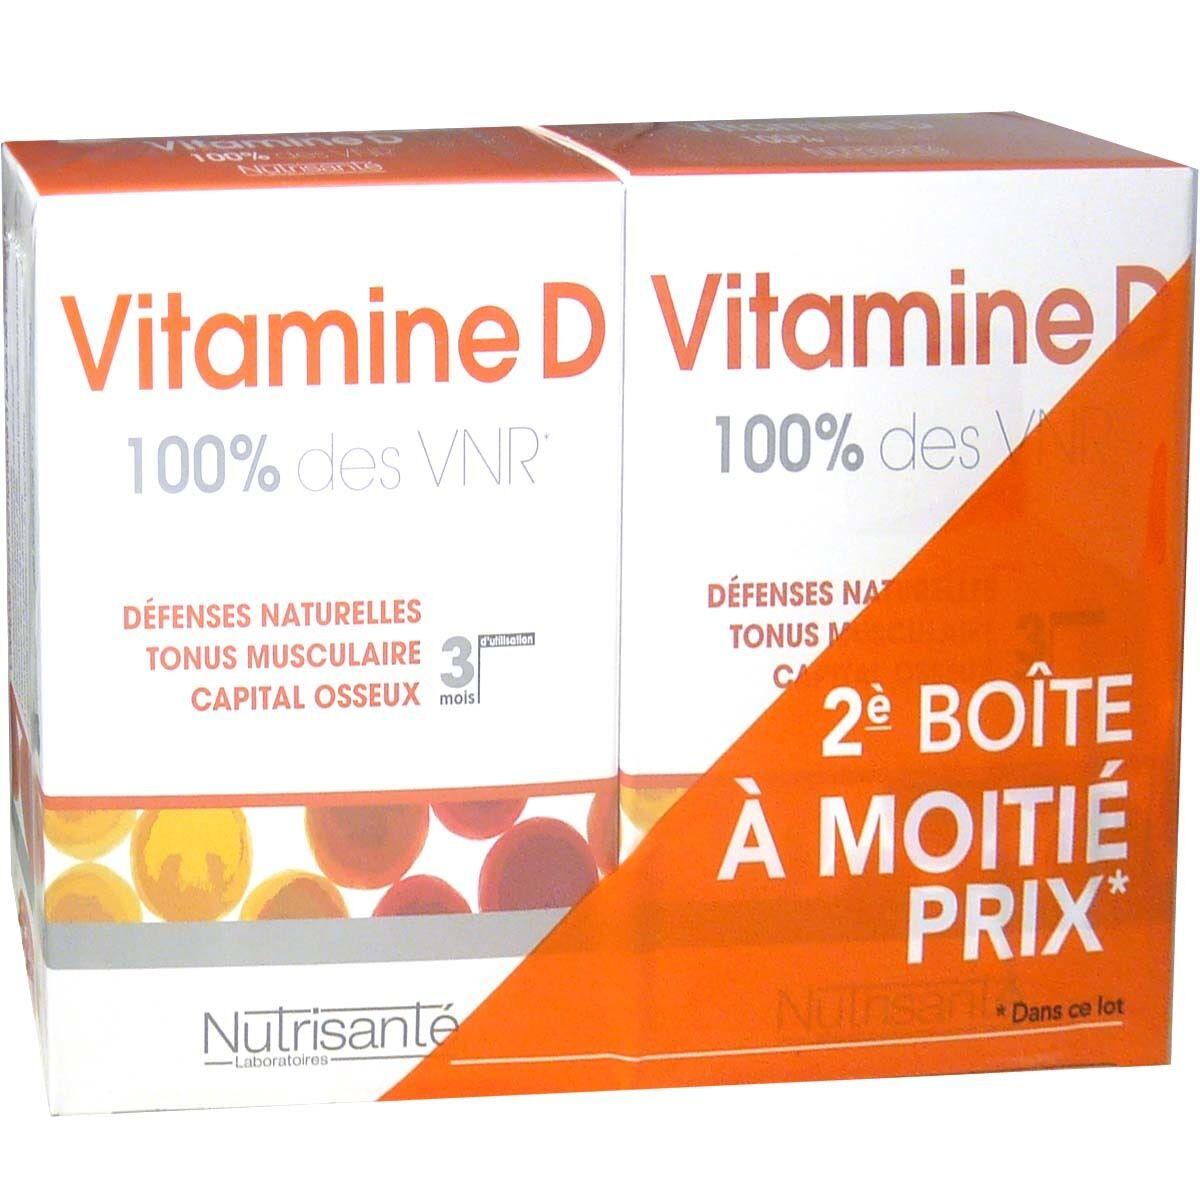 Nutrisante vitamine d lot de 2 x 90 comprimes